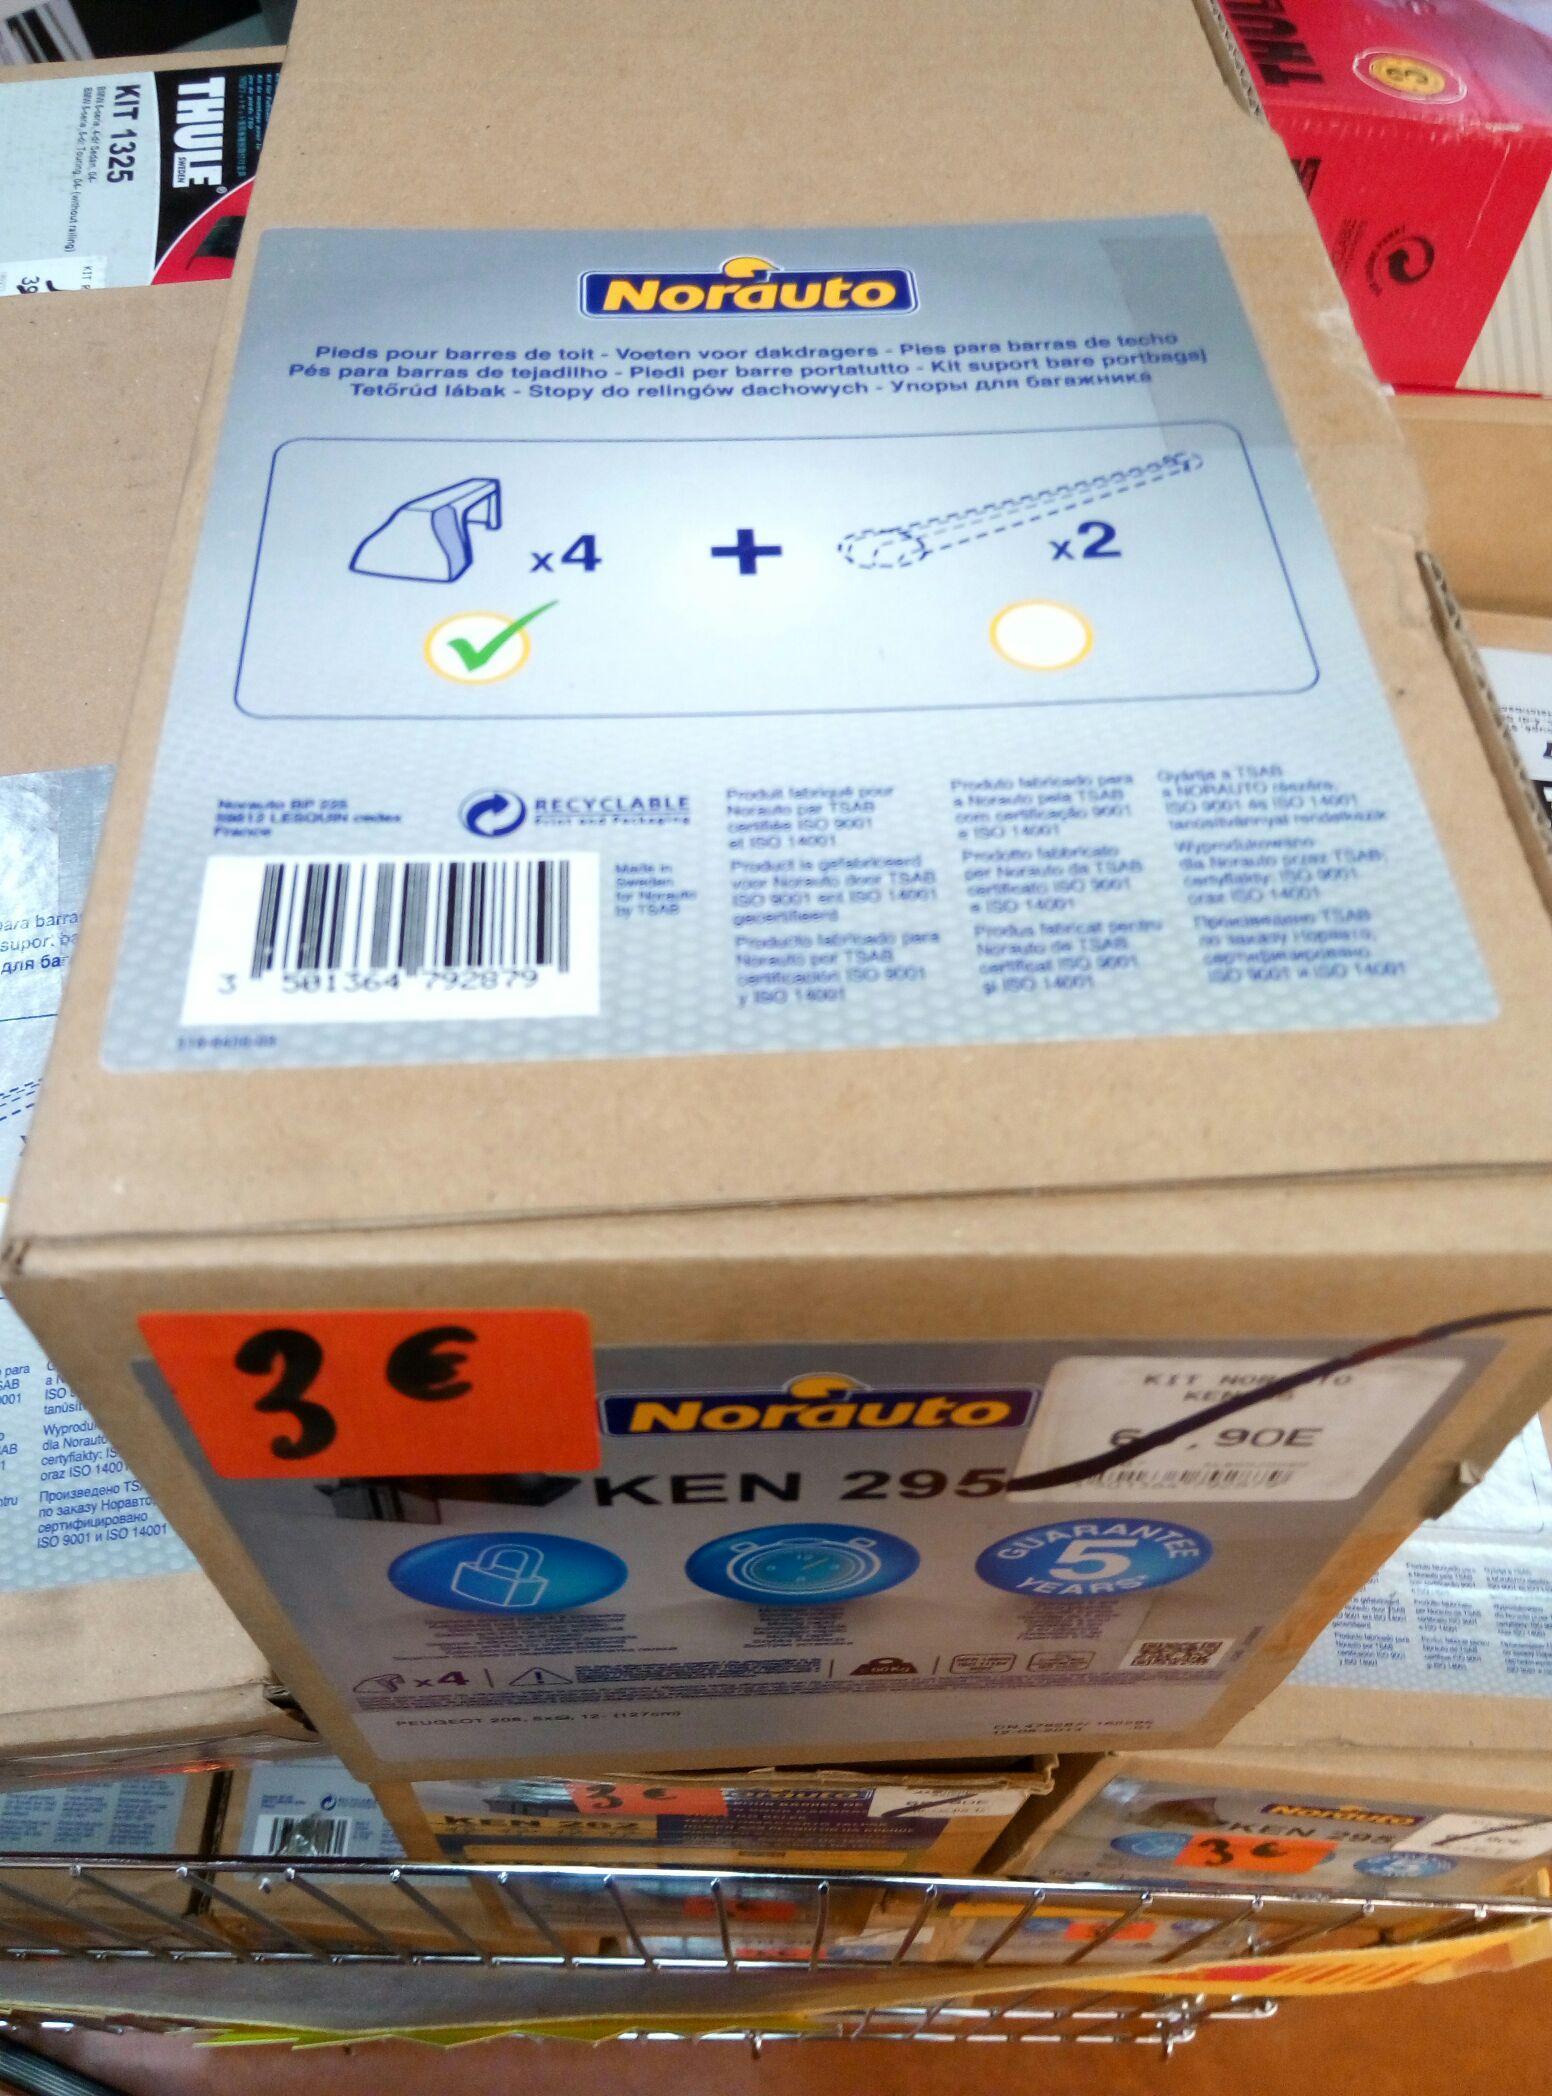 Pieds de barres de toit Norauto de 1 a 3 euros